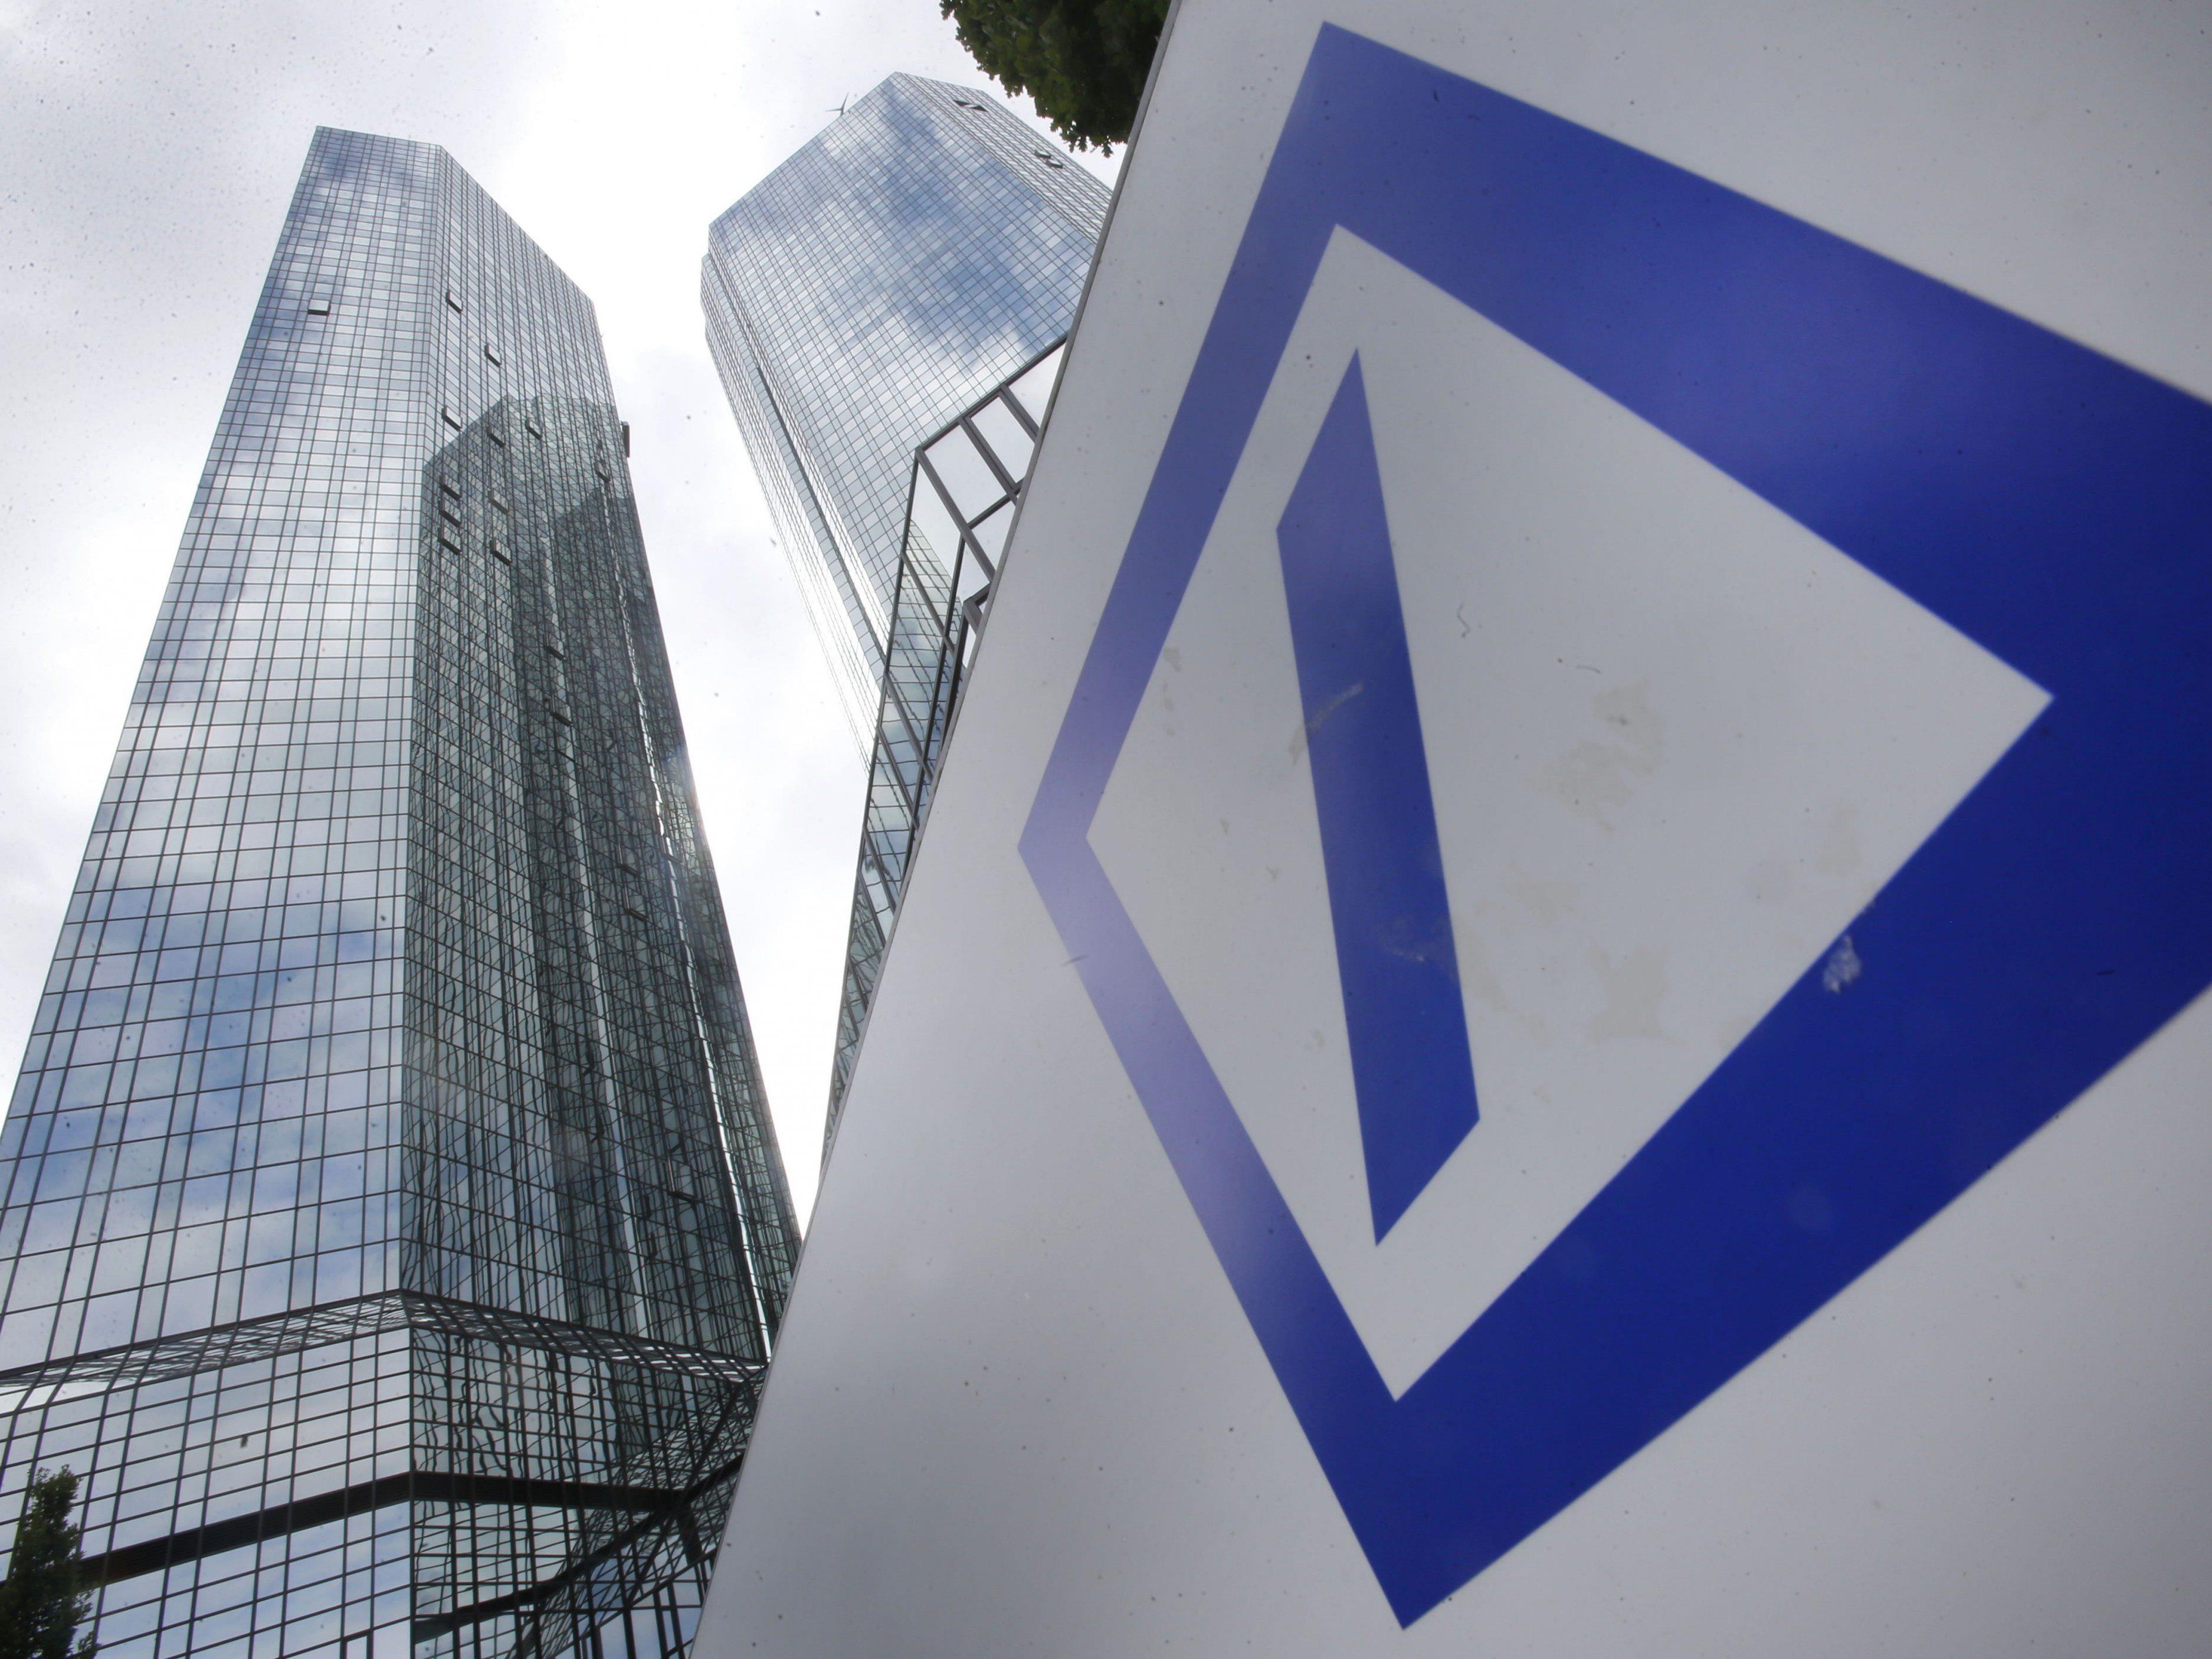 Bei der Deutschen Bank wurde erneut eine Razzia durchgeführt.